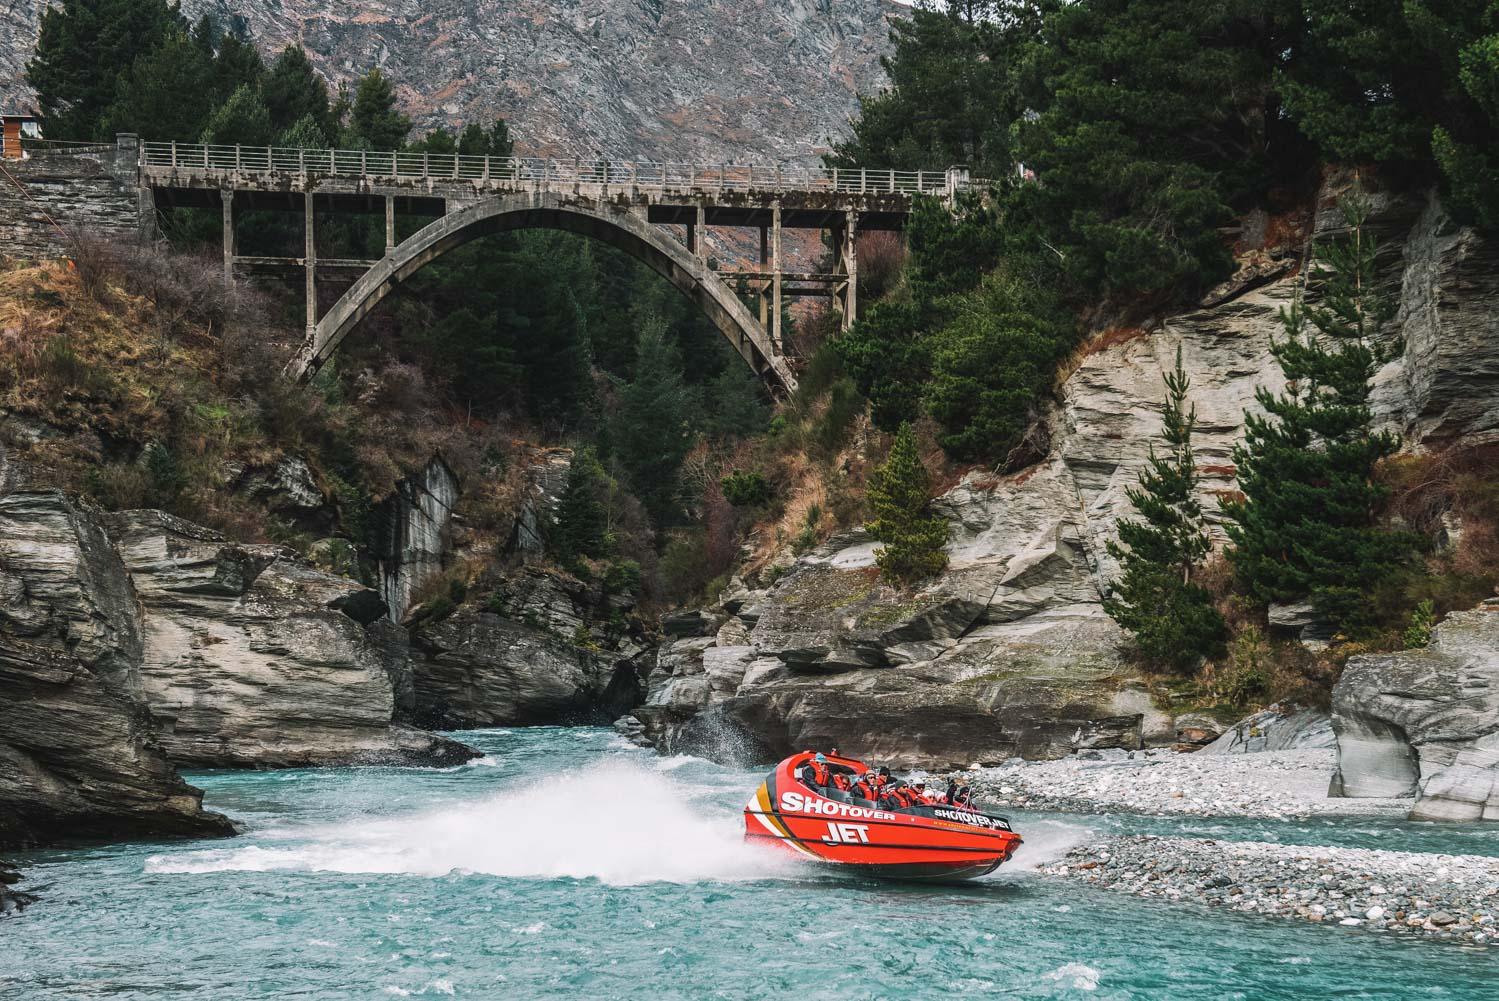 Queenstown New Zealand Jet Boat